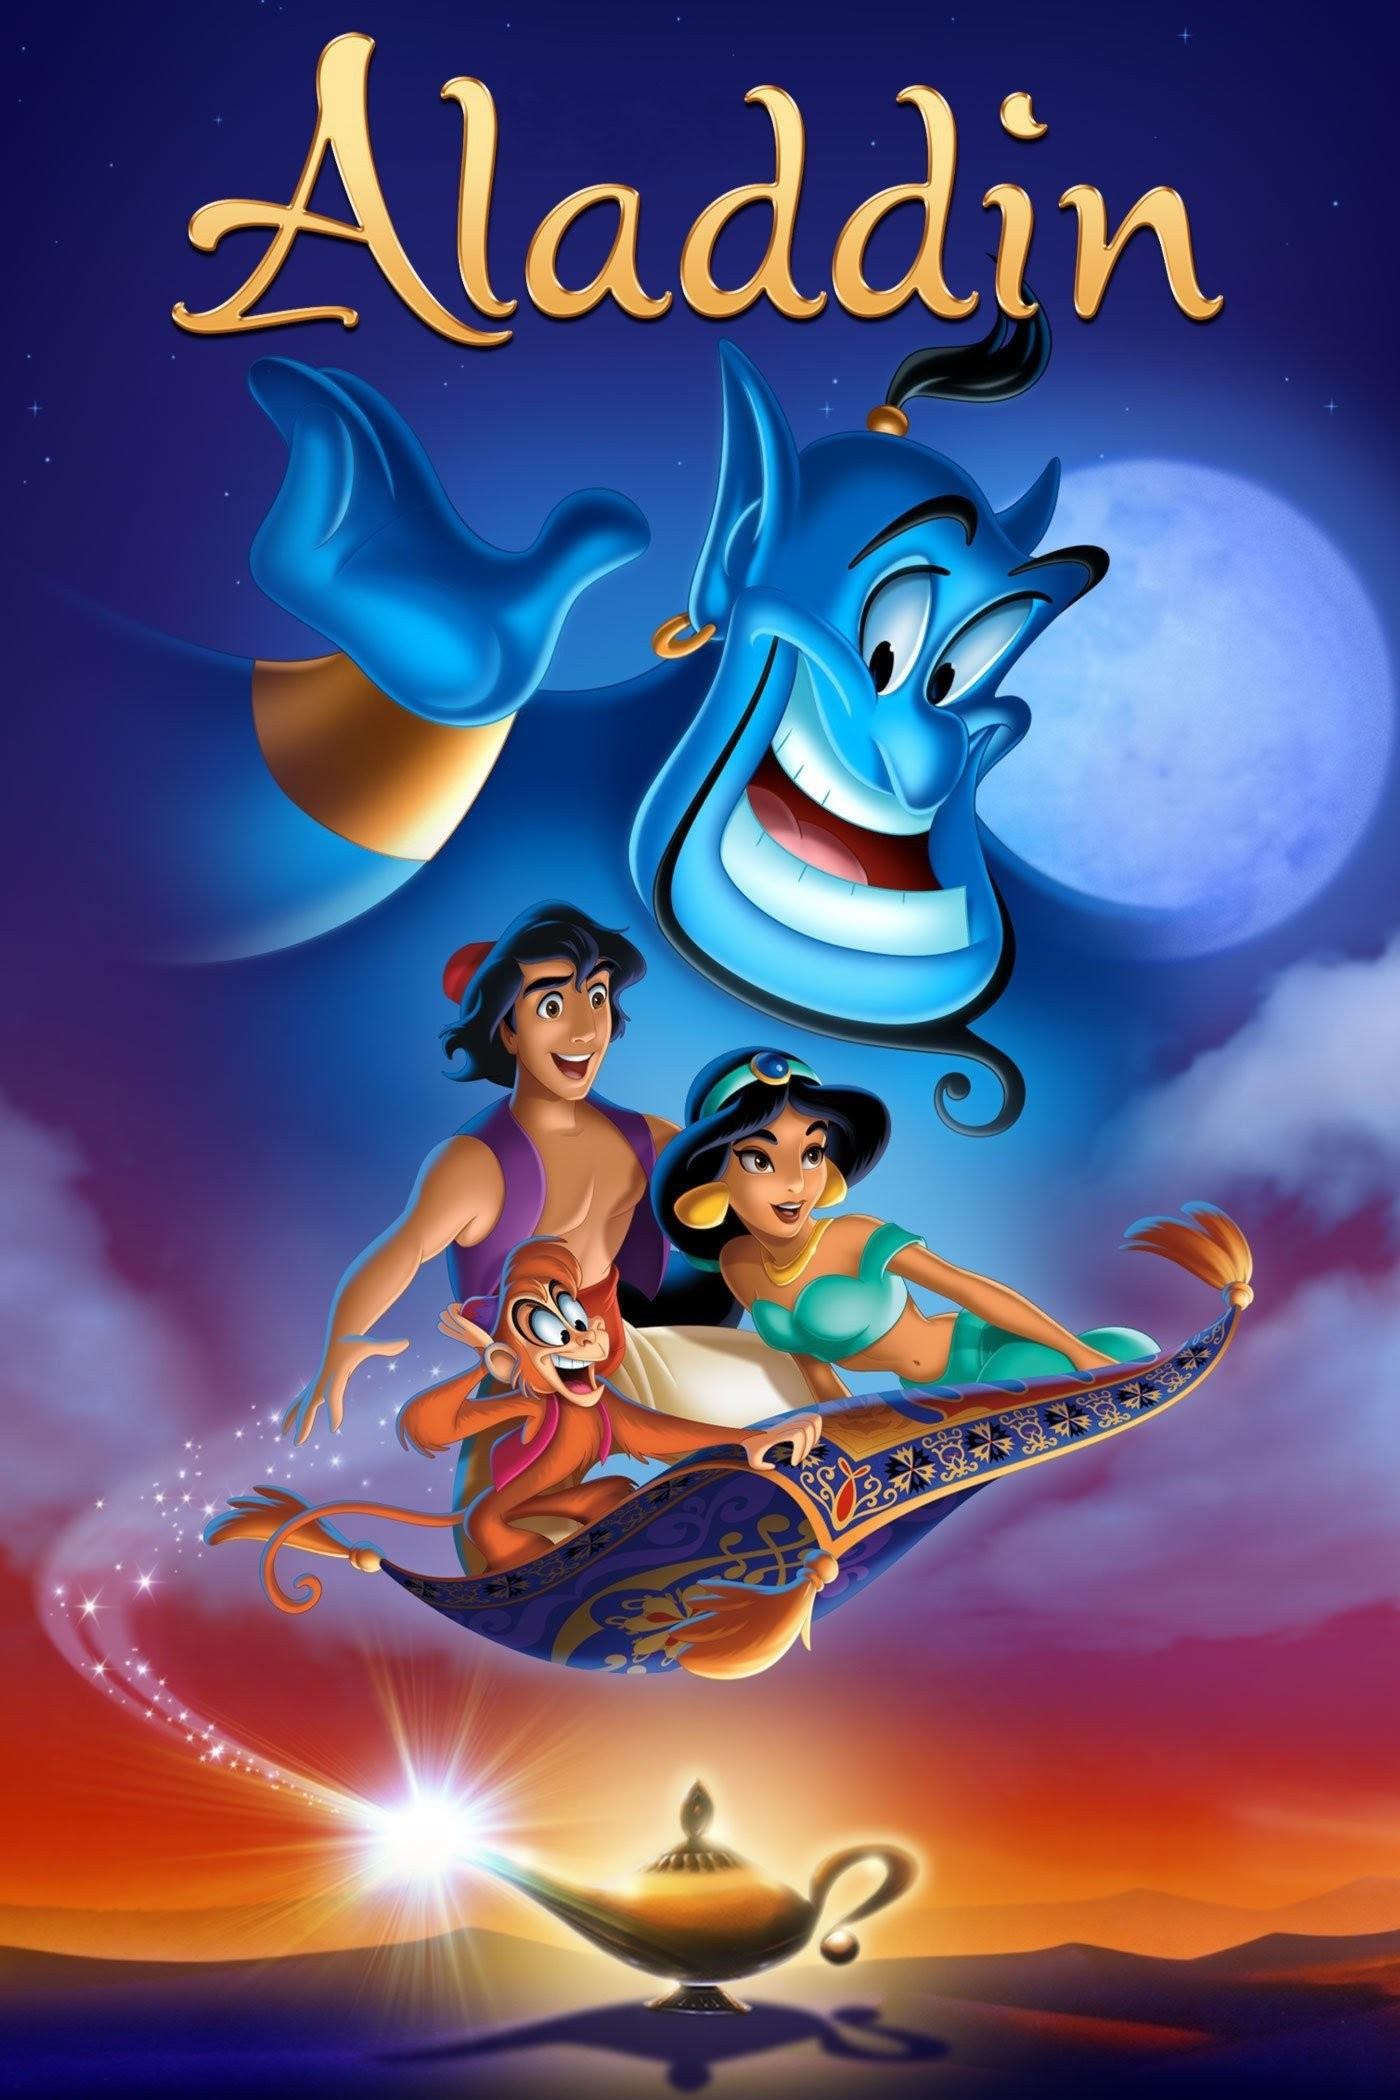 Watch Aladdin (1992) Free Online